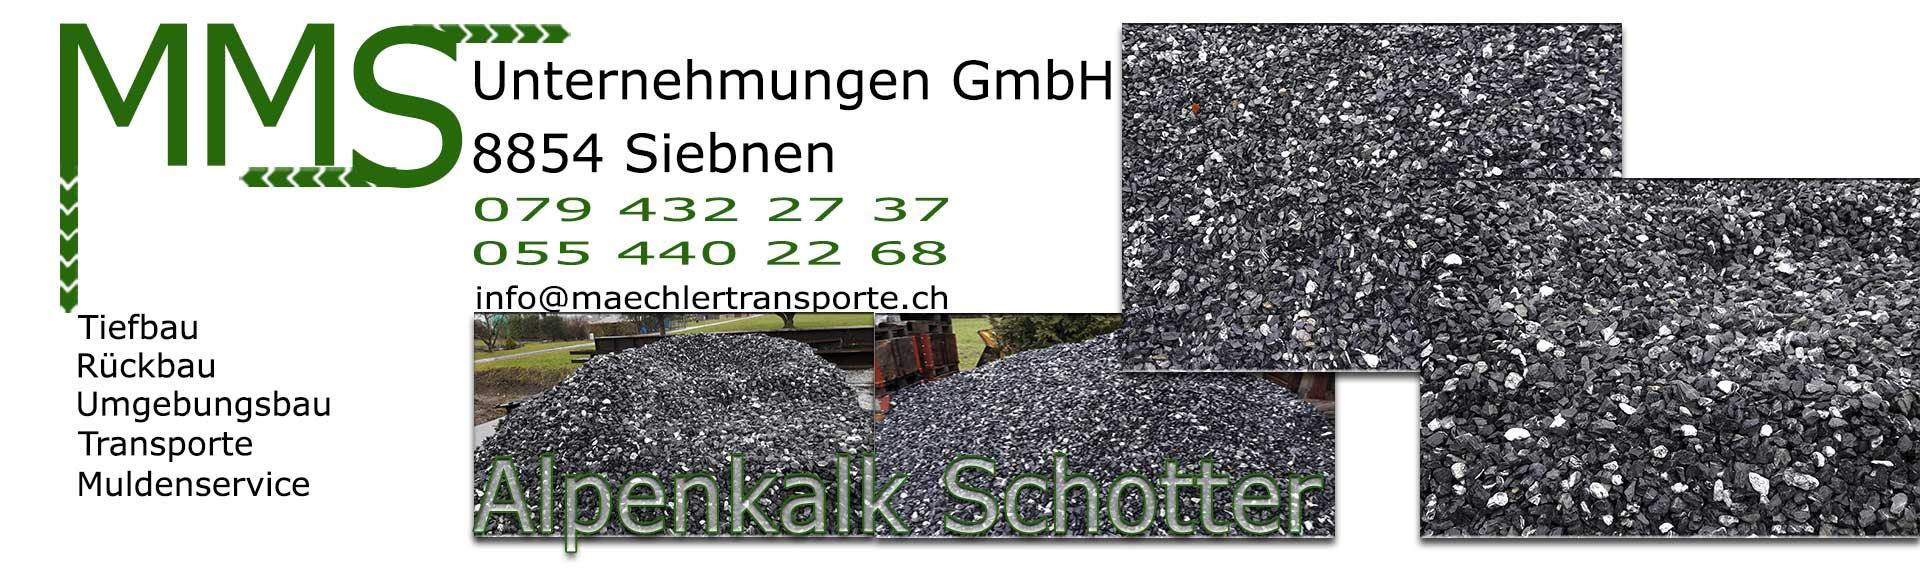 slide-5-balzers-schotter